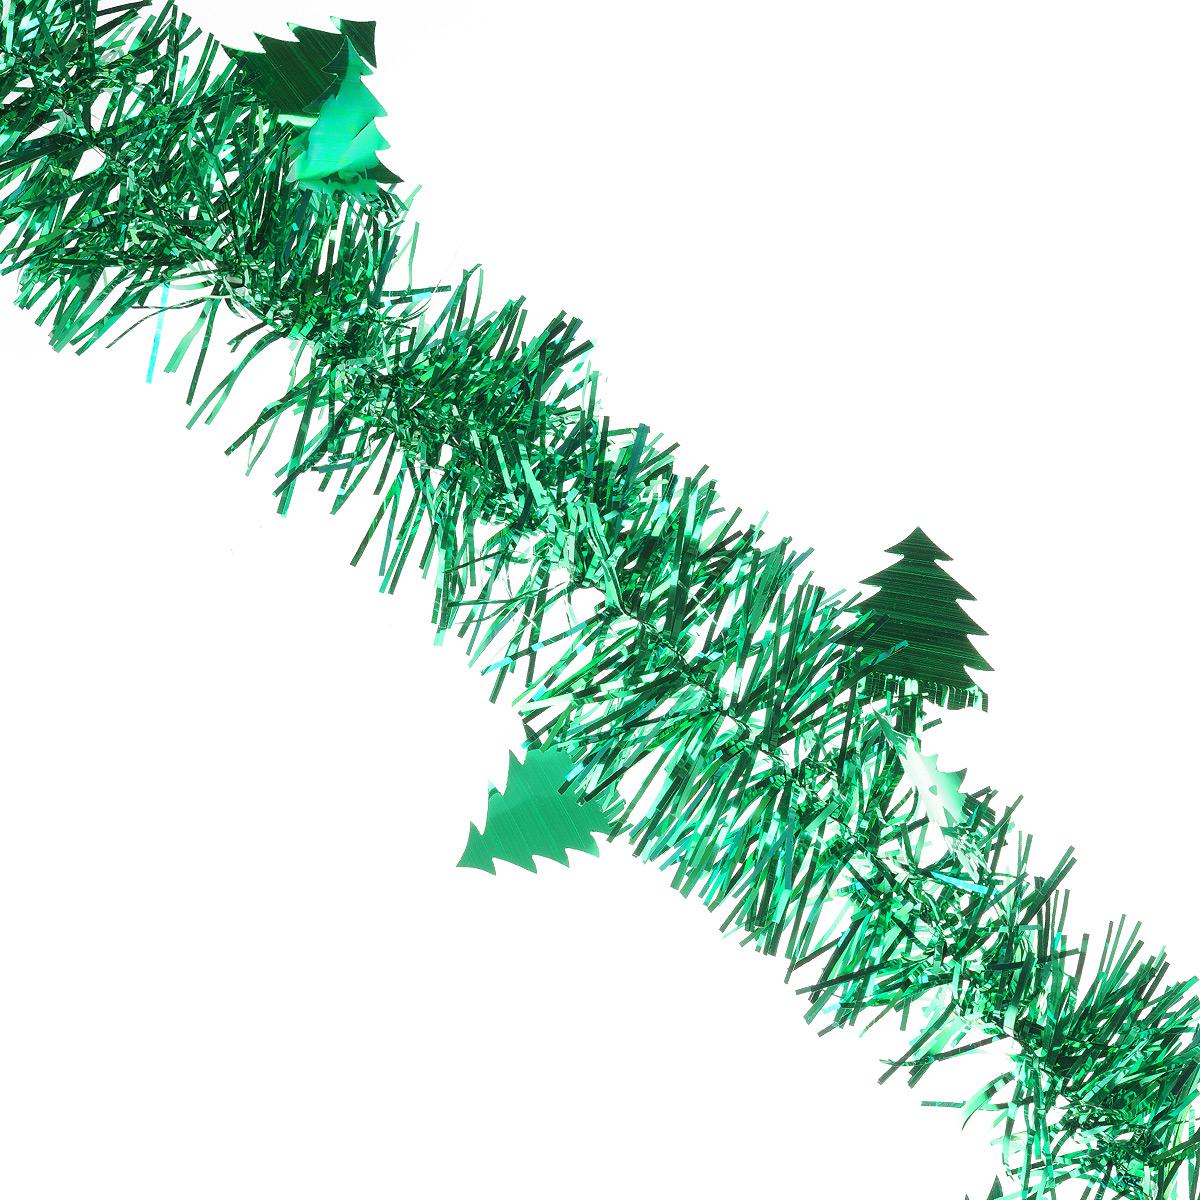 Мишура новогодняя Sima-land, цвет: зеленый, диаметр 8 см, длина 2 м. 702595702595Мишура новогодняя Sima-land, выполненная из фольги, поможет вам украсить свой дом к предстоящим праздникам. Мишура декорирована елочками и армирована, то есть имеет проволоку внутри и способна сохранять приданную ей форму. Новогодняя елка с таким украшением станет еще наряднее. Новогодней мишурой можно украсить все, что угодно - елку, квартиру, дачу, офис - как внутри, так и снаружи. Можно сложить новогодние поздравления, буквы и цифры, мишурой можно украсить и дополнить гирлянды, можно выделить дверные колонны, оплести дверные проемы. Коллекция декоративных украшений из серии Зимнее волшебство принесет в ваш дом ни с чем несравнимое ощущение праздника! Создайте в своем доме атмосферу тепла, веселья и радости, украшая его всей семьей.